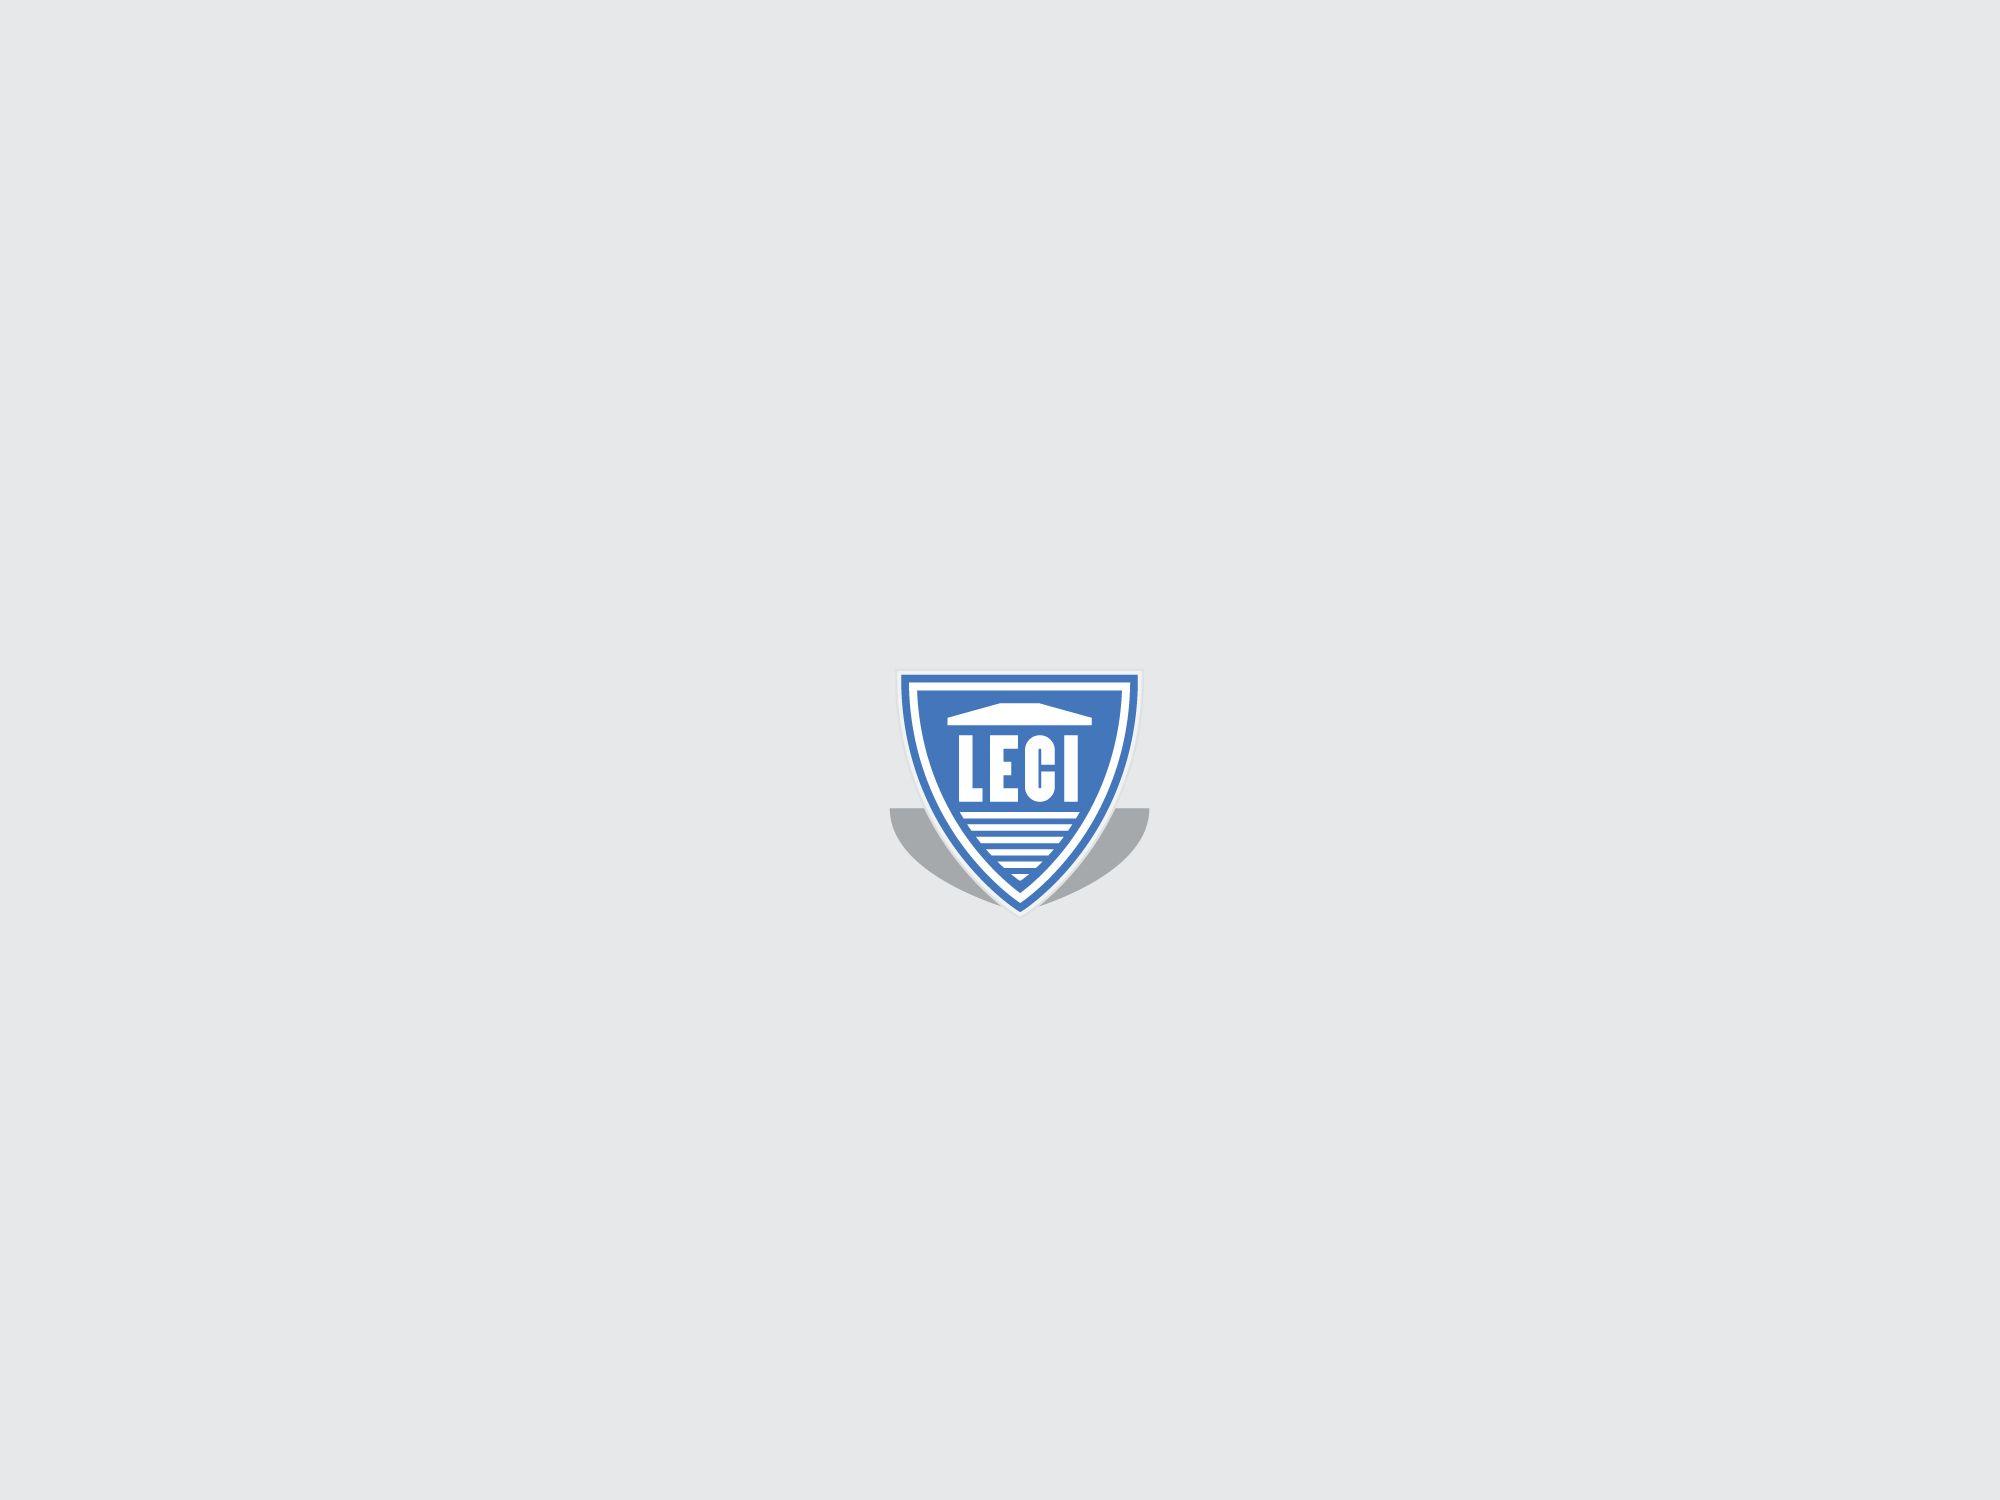 Лого для образовательного учреждения LECI  - дизайнер Alphir